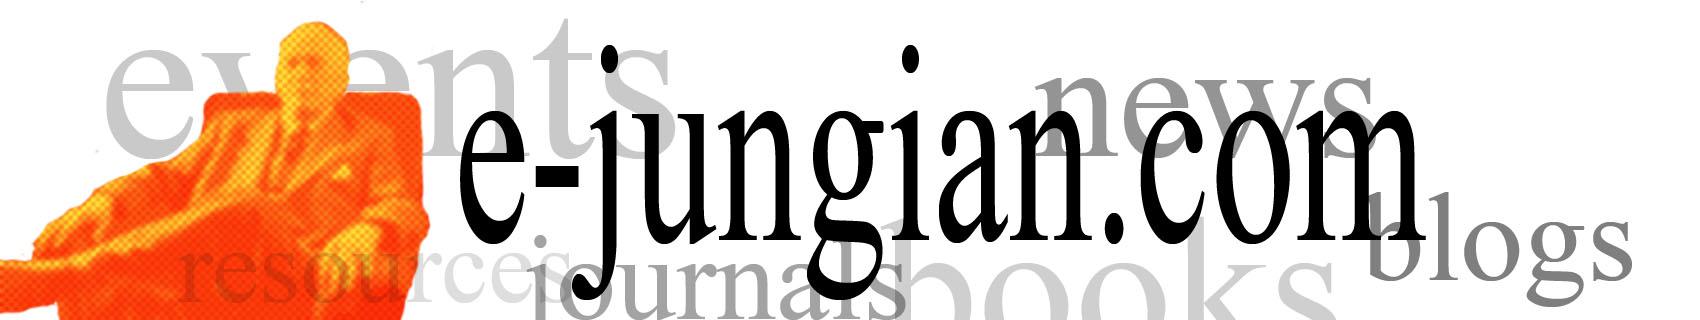 e-jungian.com